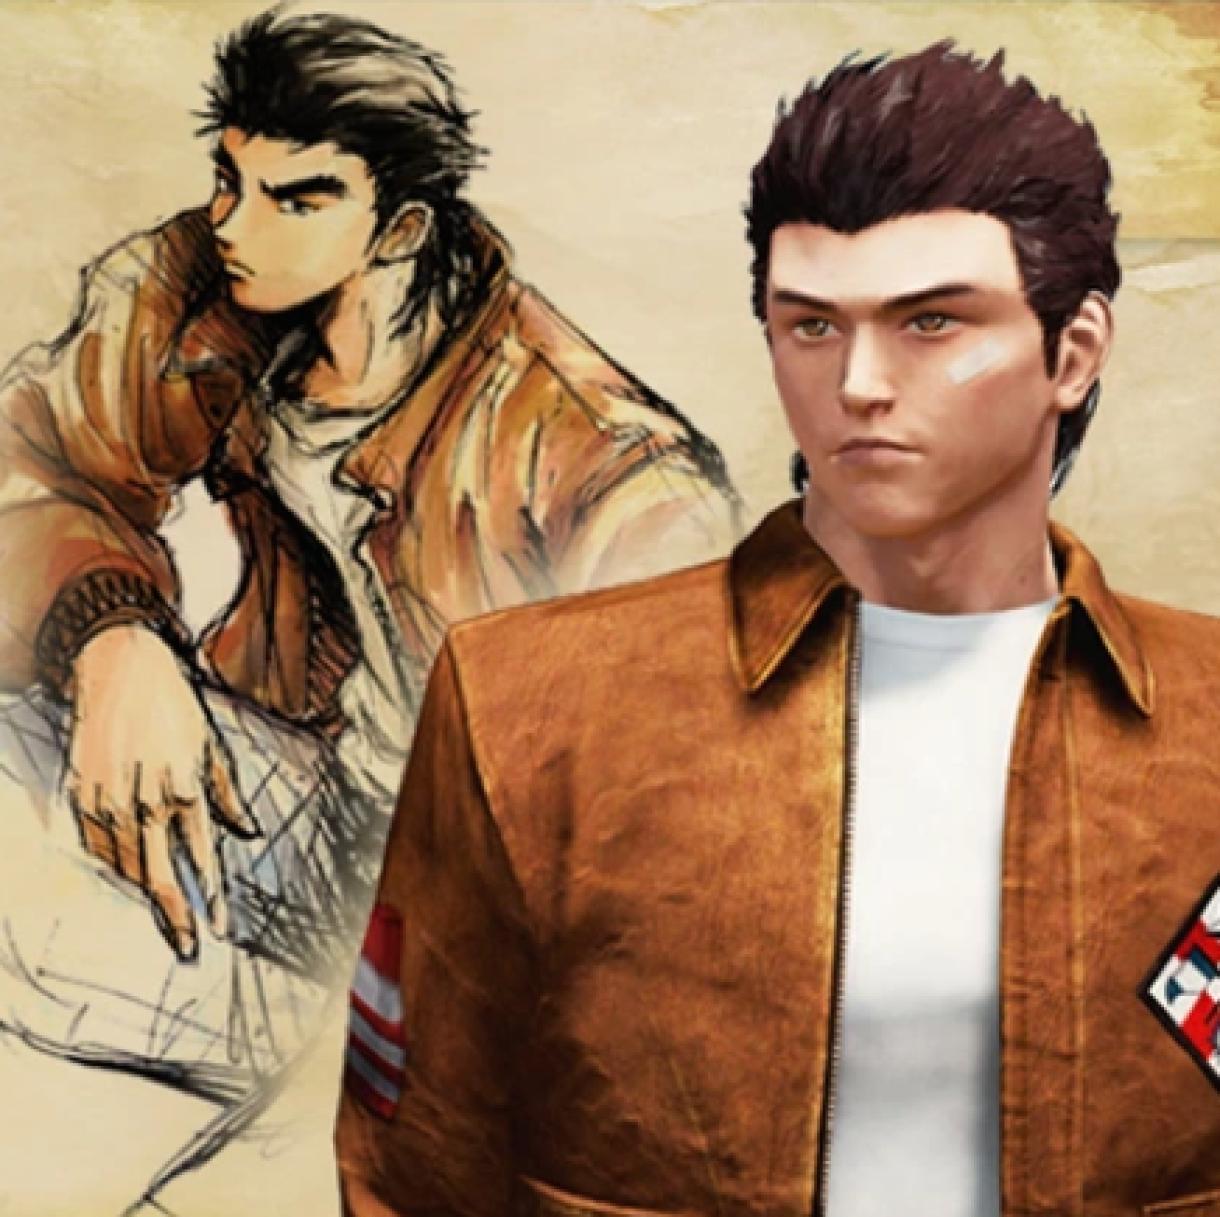 Shenmue 3: Biggest Video Game Kickstarter Ever